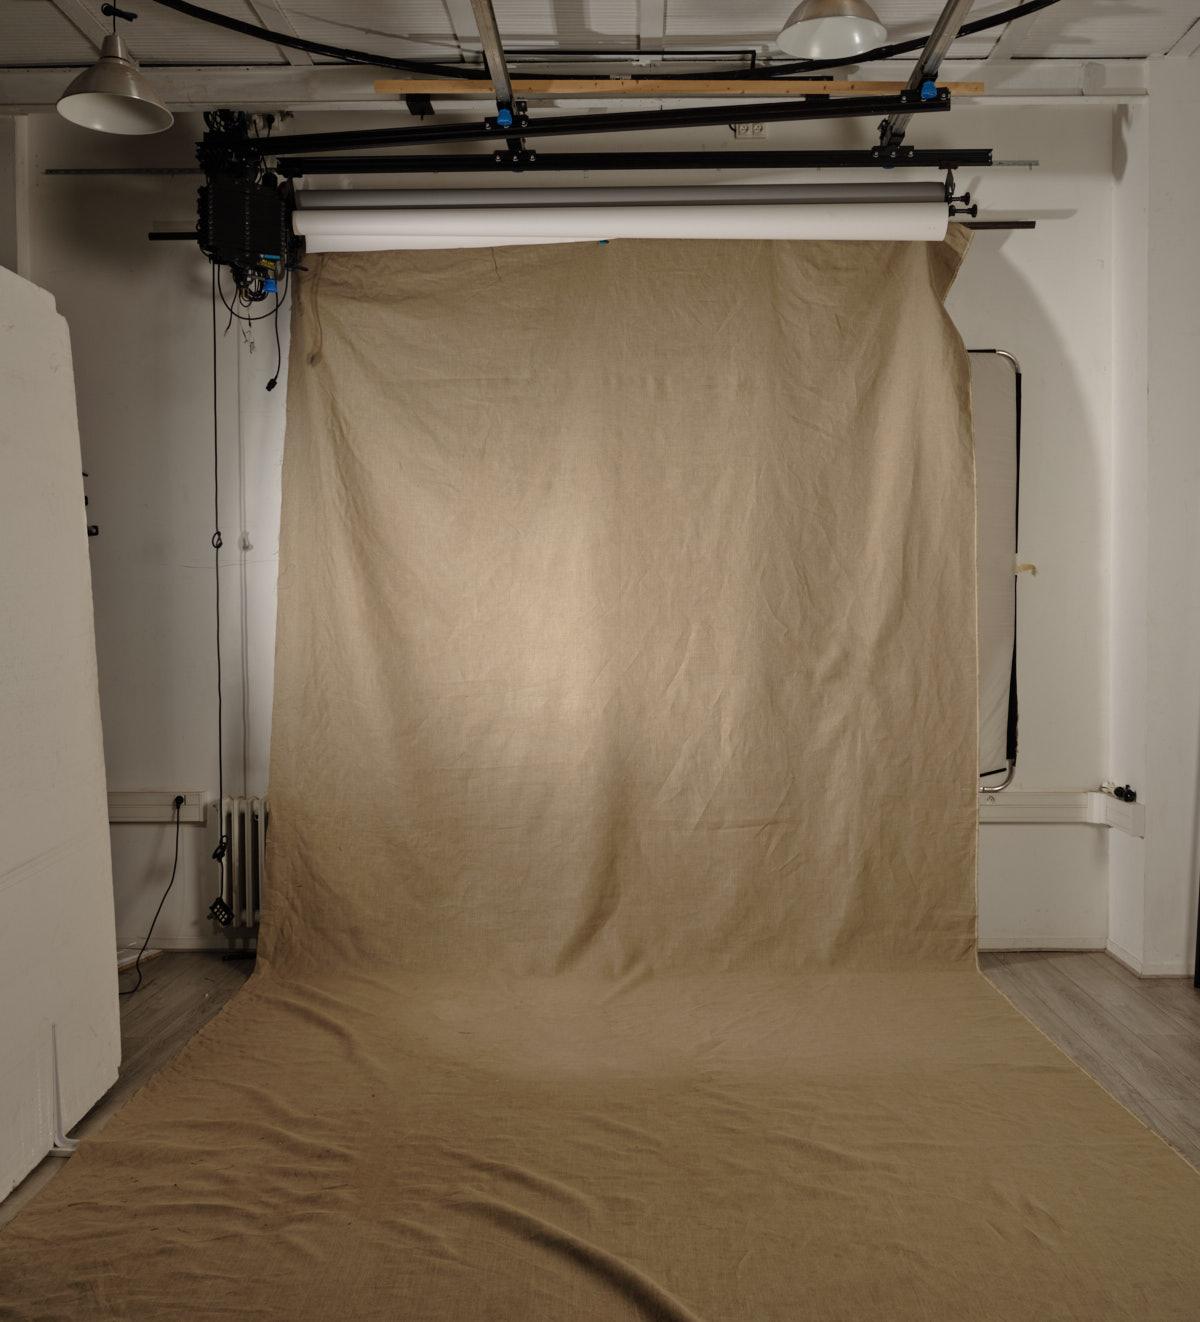 L'atelier d'en face Studio - Location - formation - apprentissage - photographie - Atelier - Les fonds tissus